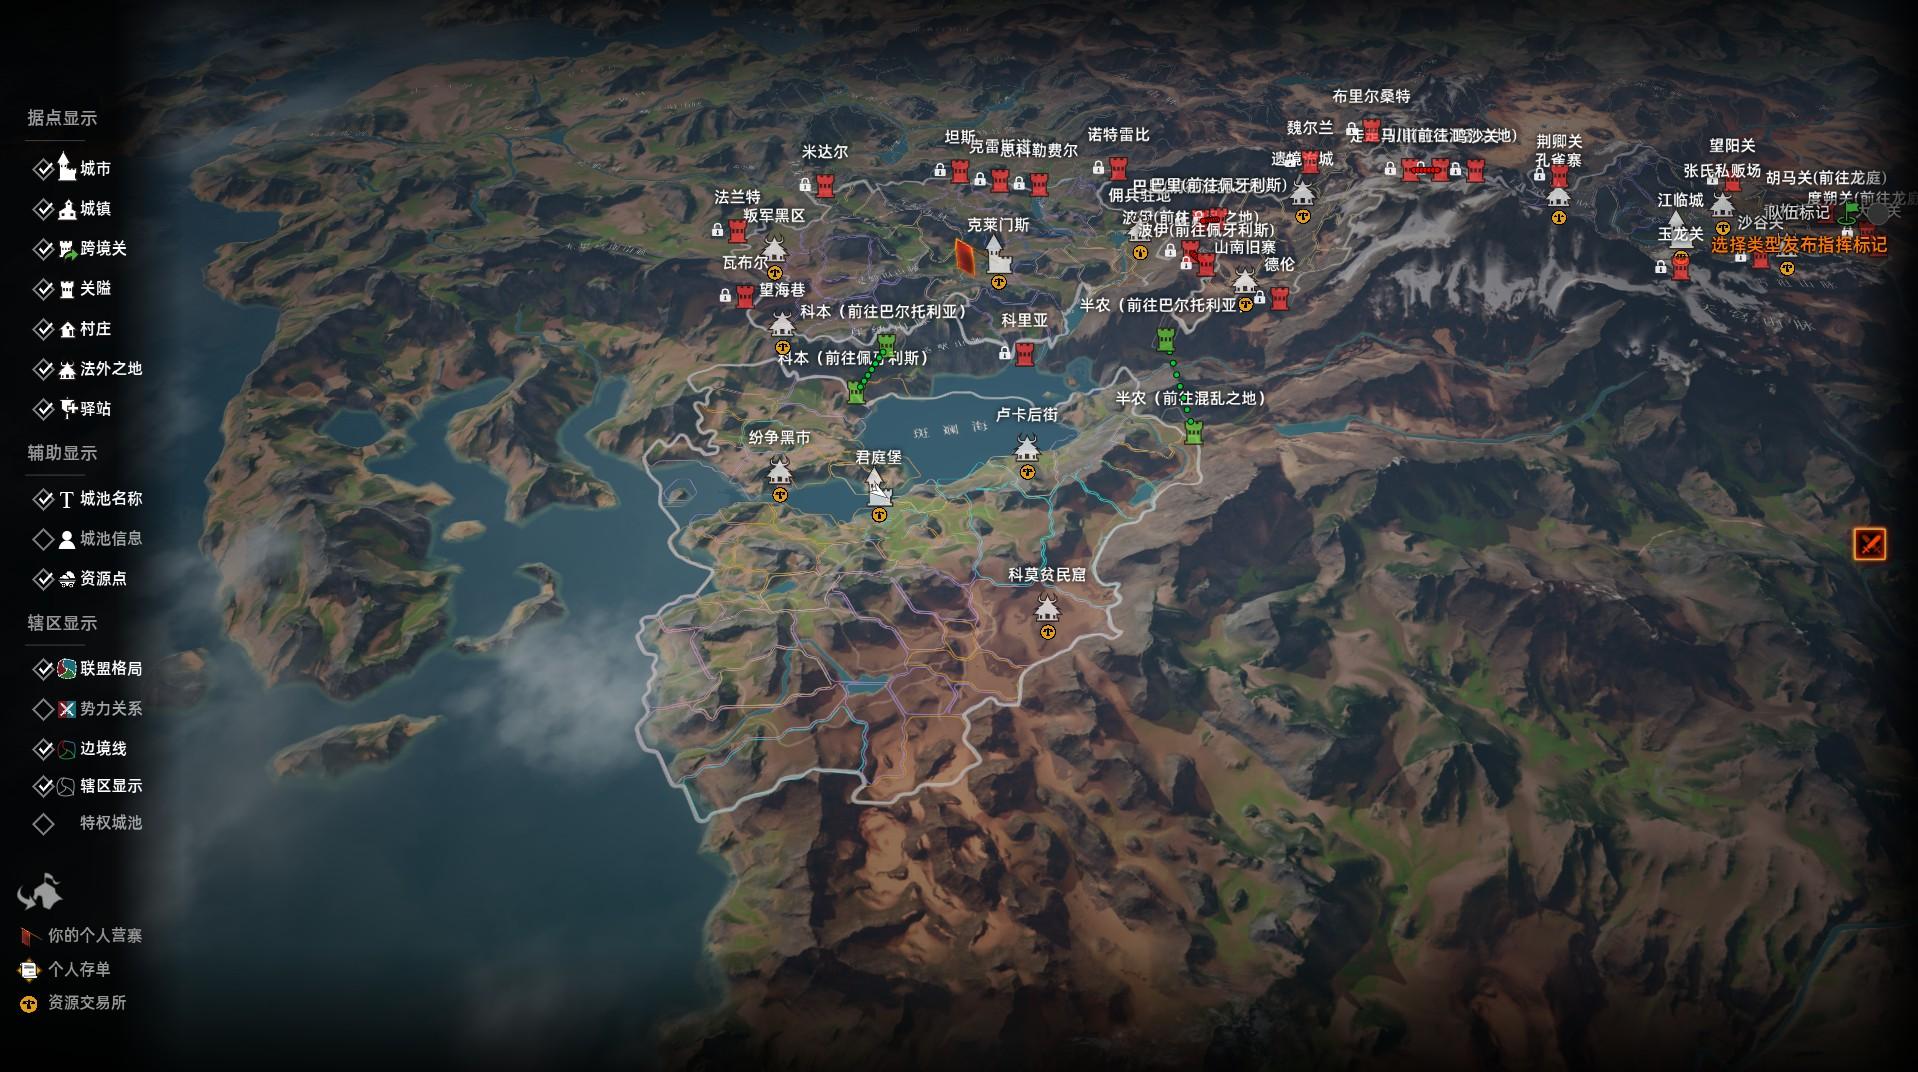 《战意》S4赛季评测:见证十字军东征